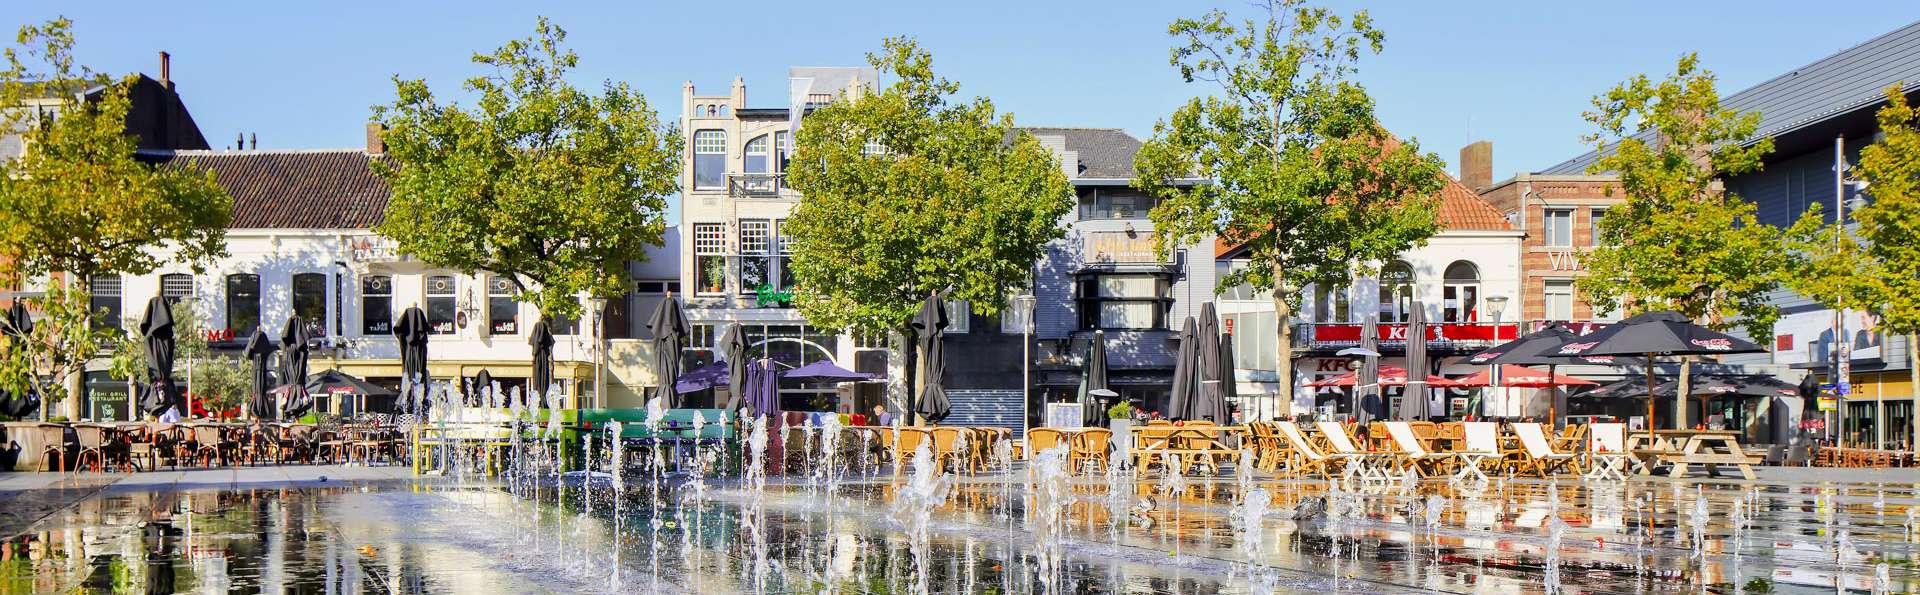 Comfort en Brabantse gastvrijheid nabij het centrum van Tilburg